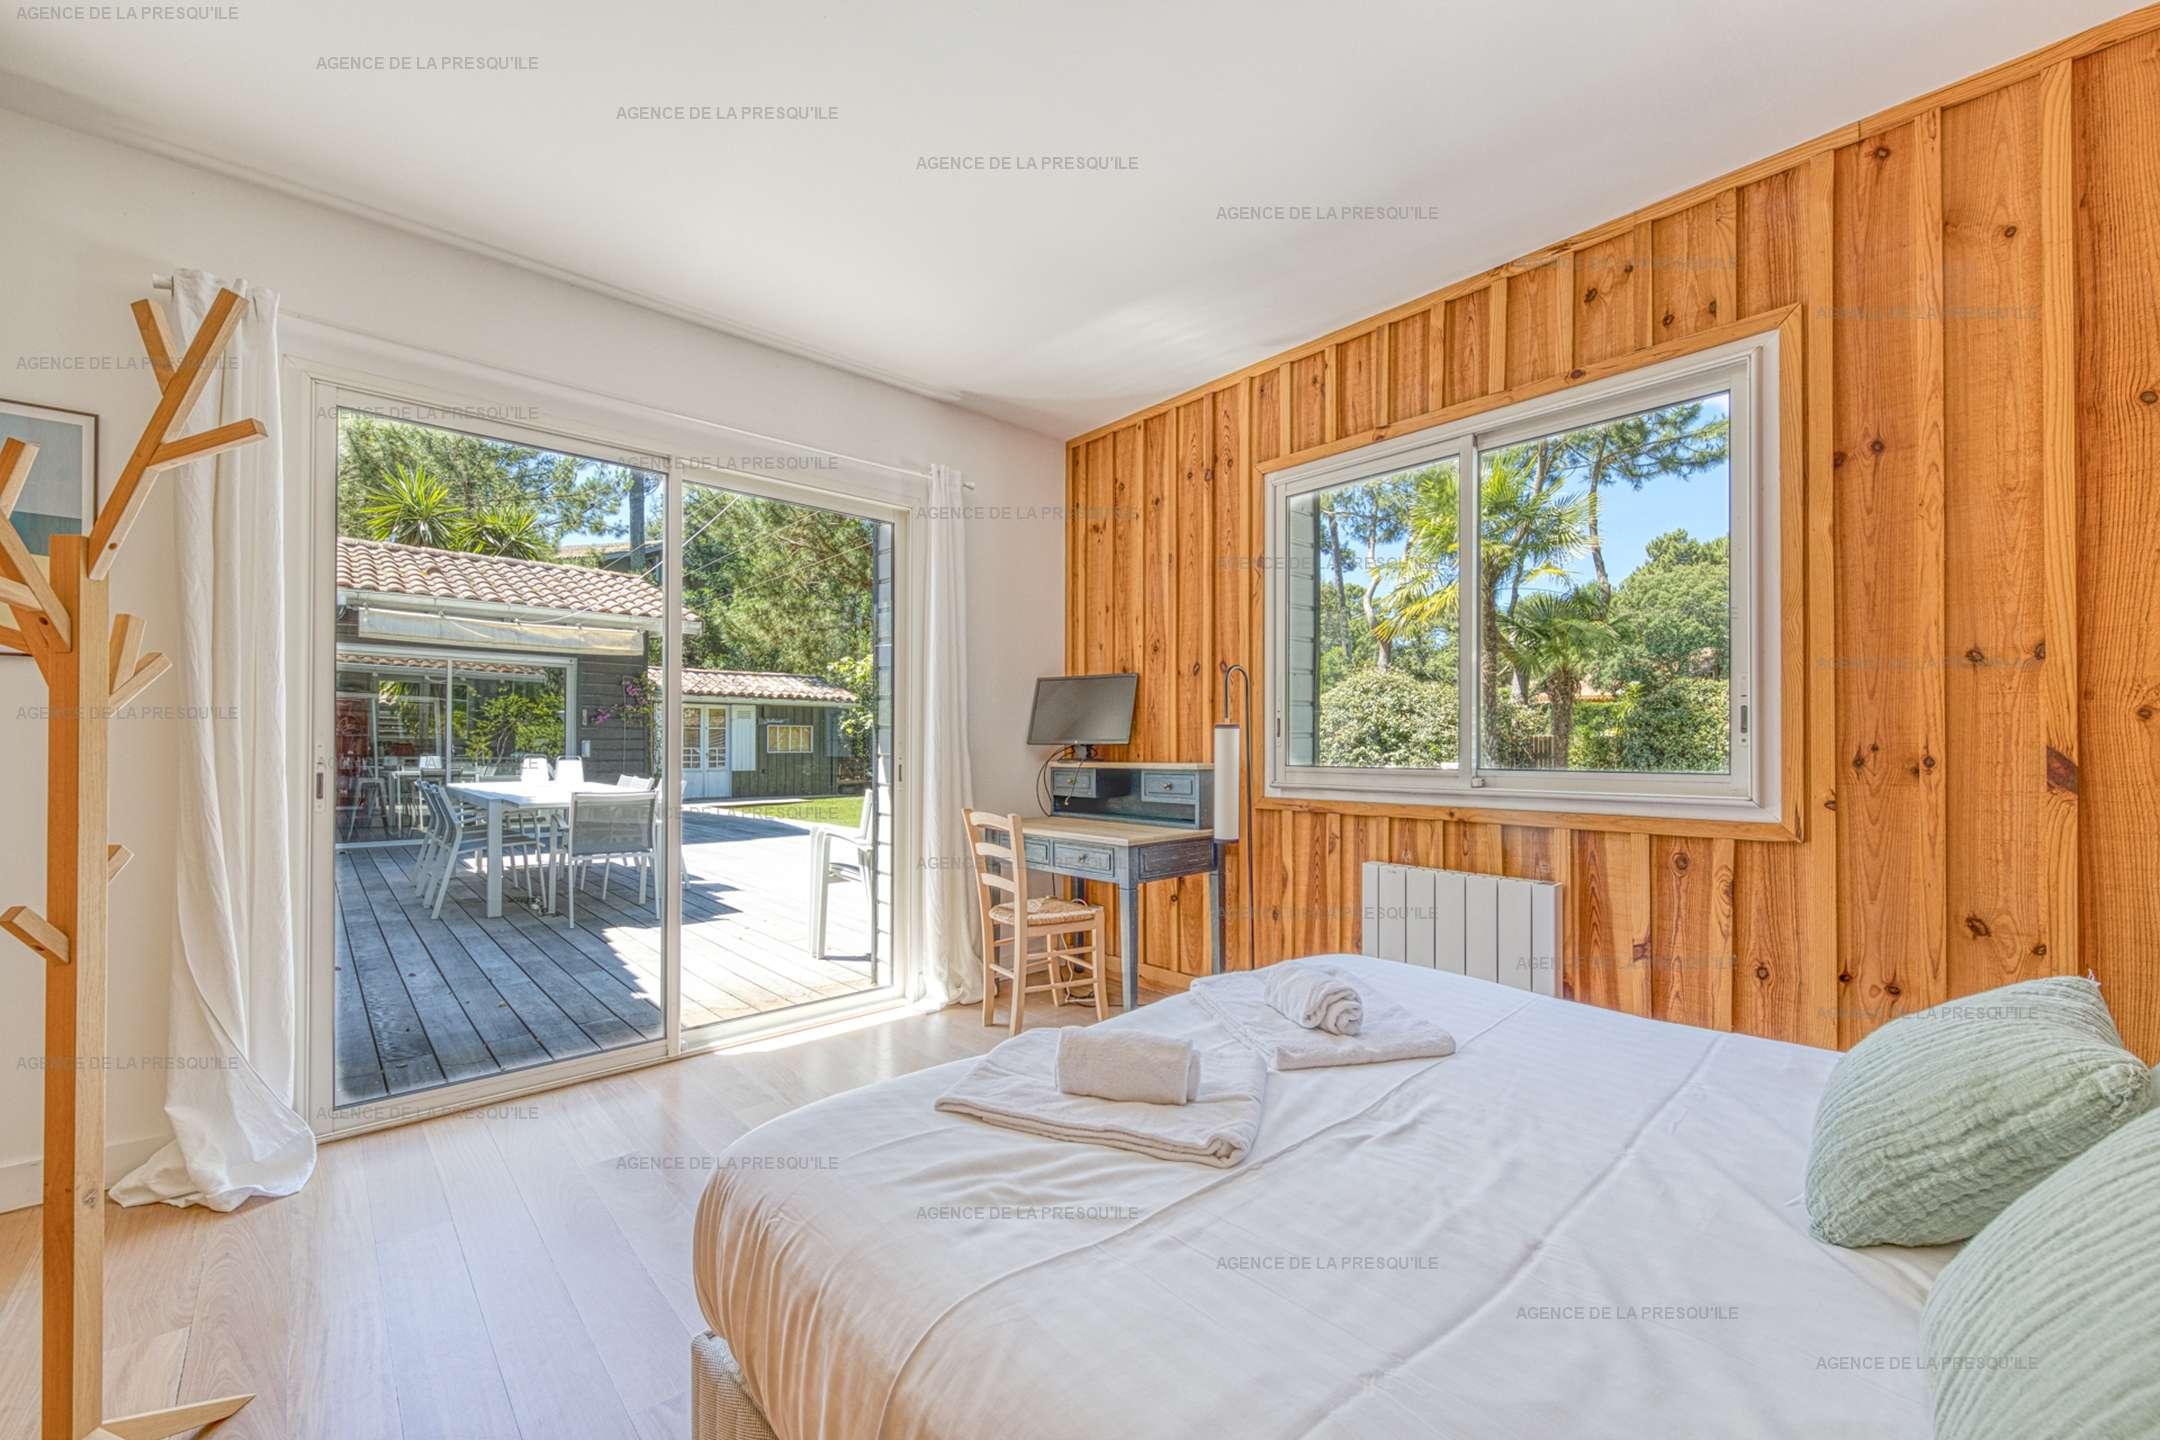 Location: Très belle villa en bois au calme avec piscine chauffée 8